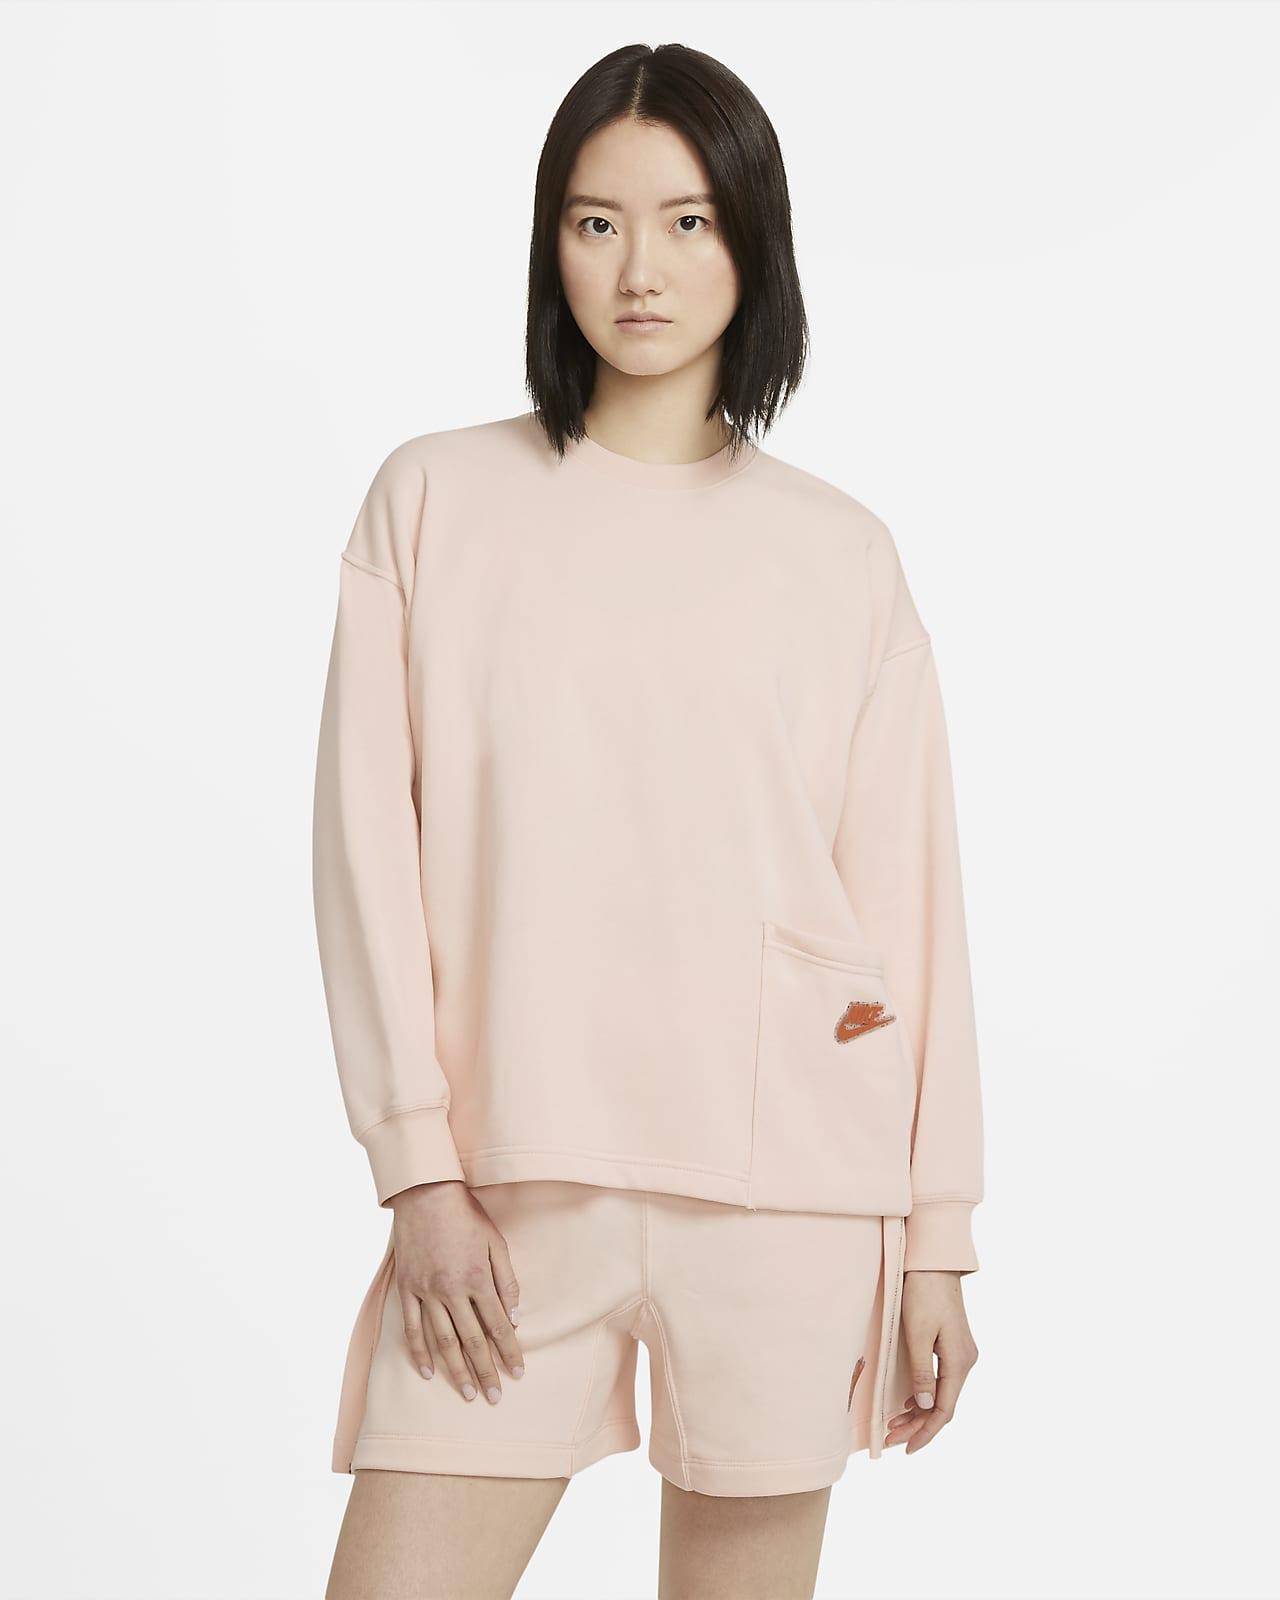 เสื้อคอกลมผู้หญิง Nike Sportswear